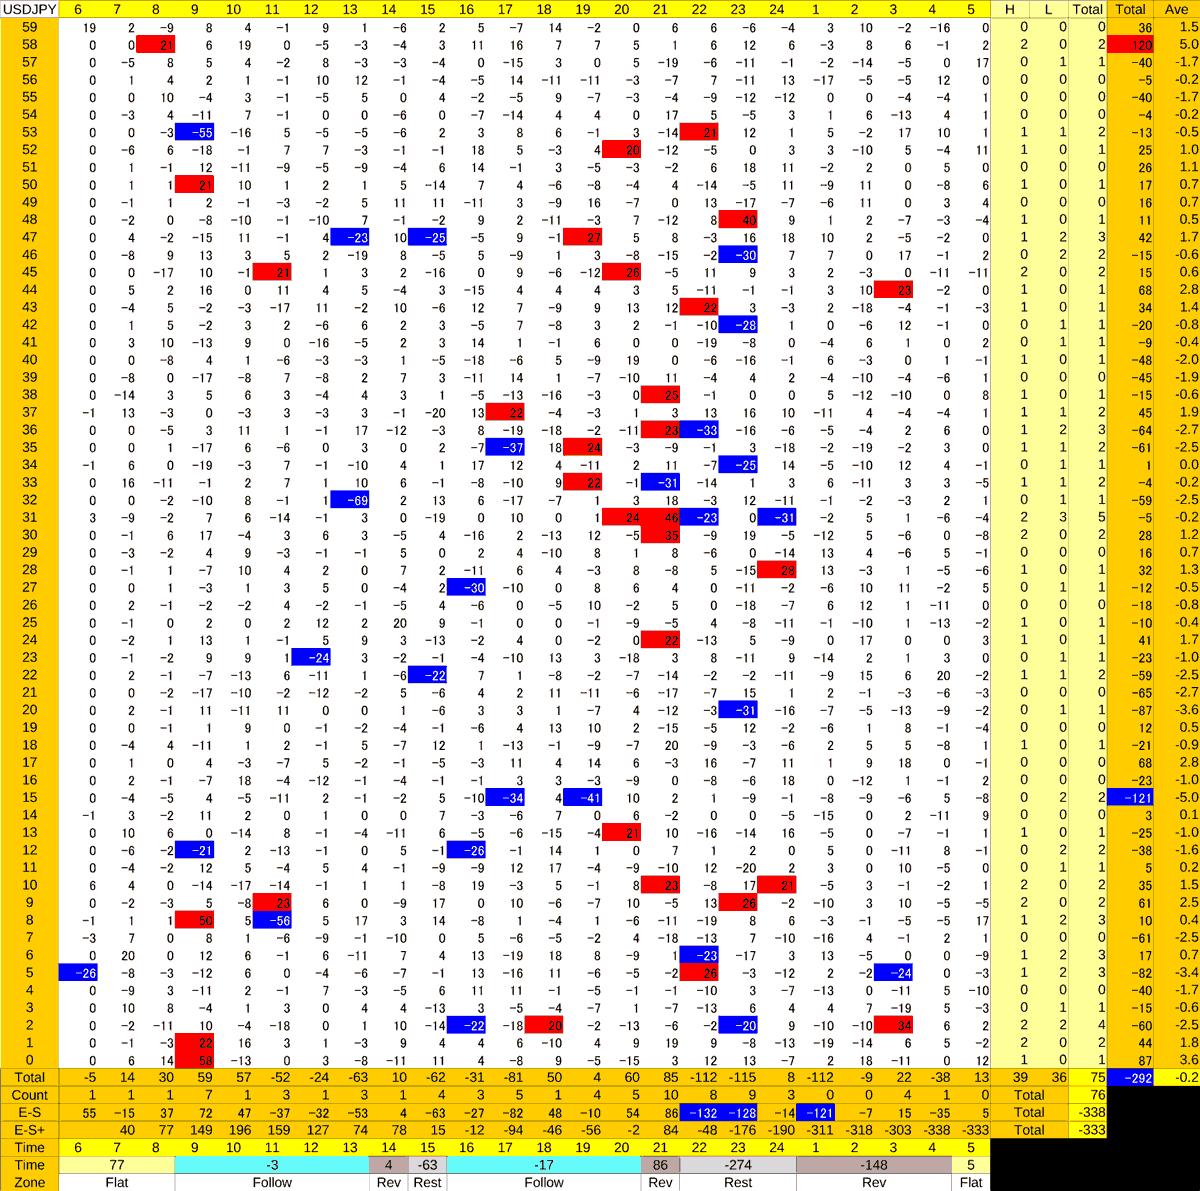 20200826_HS(1)USDJPY